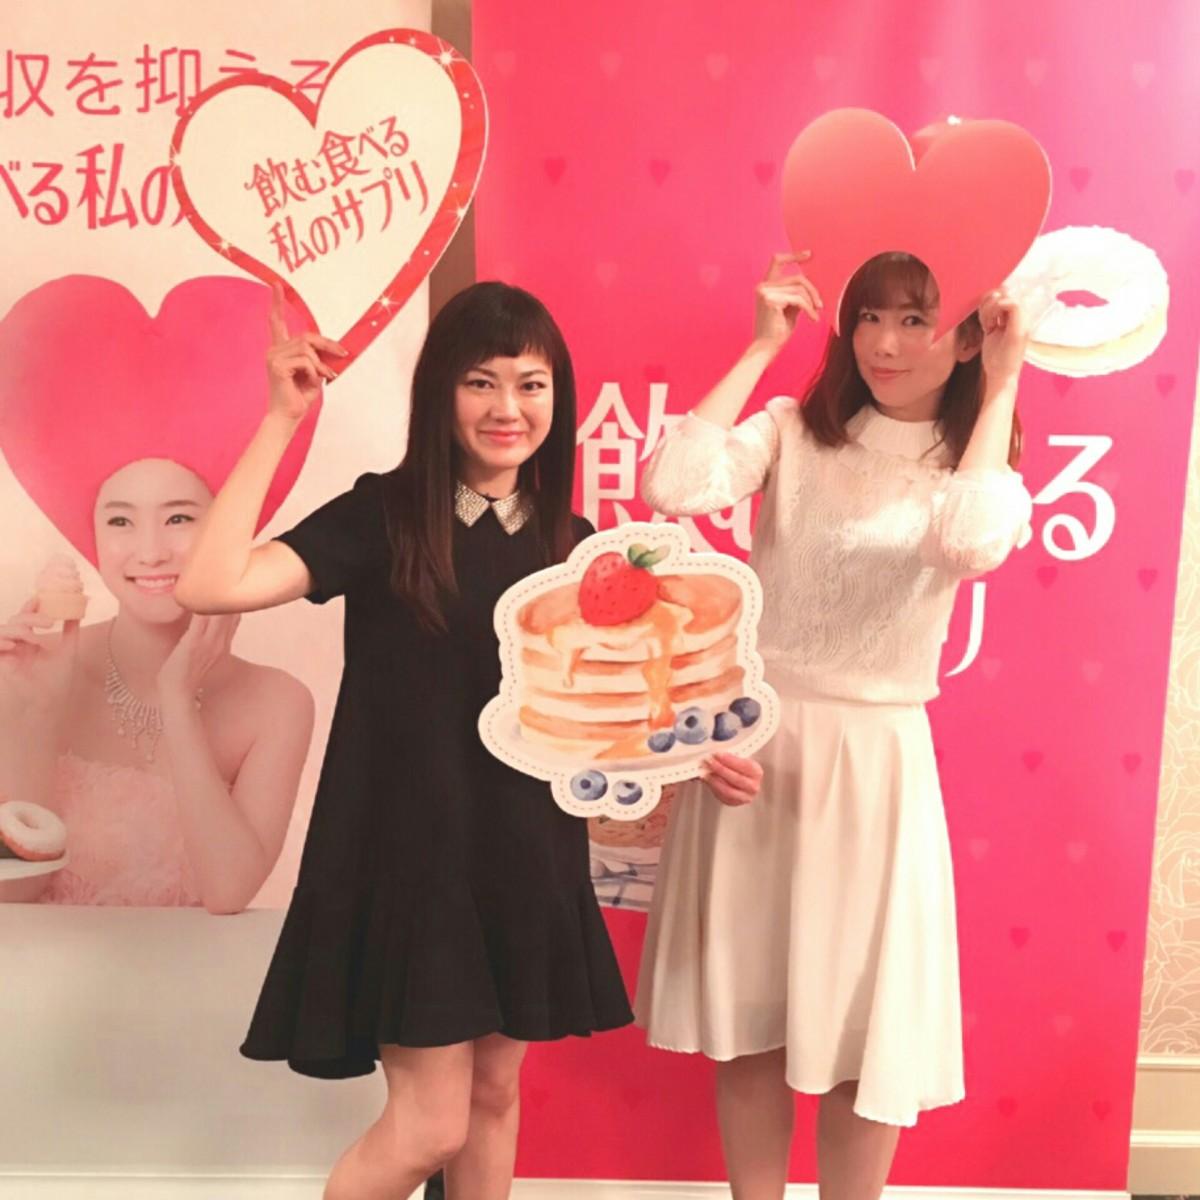 ◆【ビューティ★シェアレポ】富士フィルムの女子力アップサプリ&ドリンクが凄い!◆